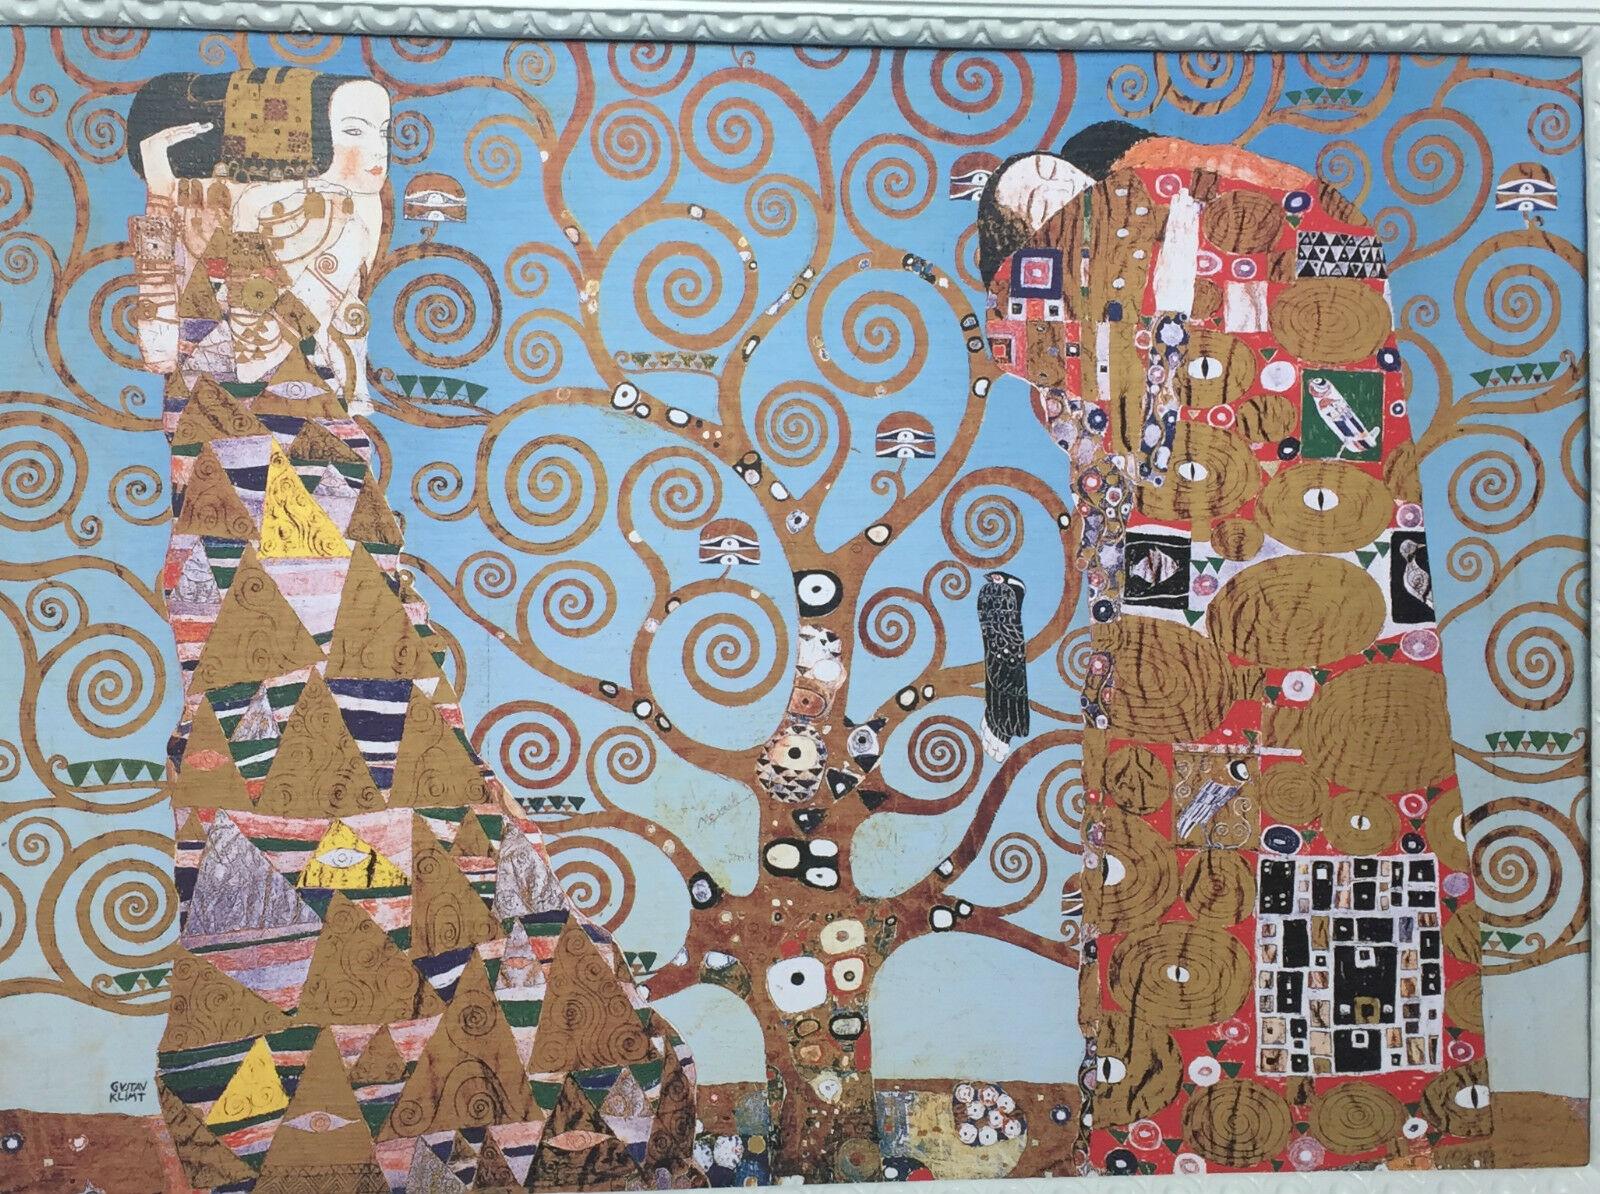 wandbild der kuss bild lebensbaum 50x70 bild auf mdf platte gem lde gustav klimt kaufen bei. Black Bedroom Furniture Sets. Home Design Ideas